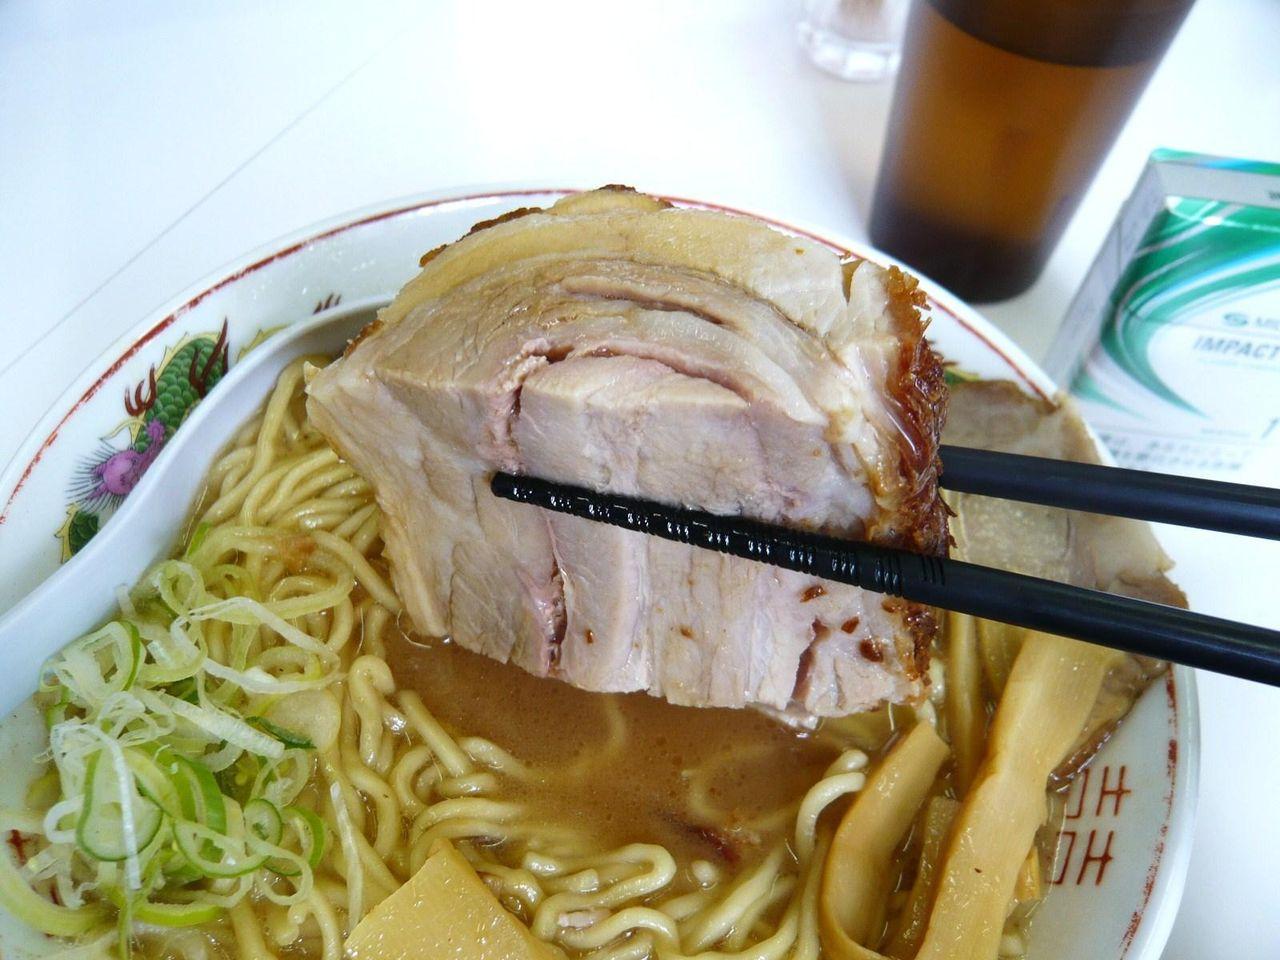 肉増しシックスの肉は、蒲鉾型のブロック状